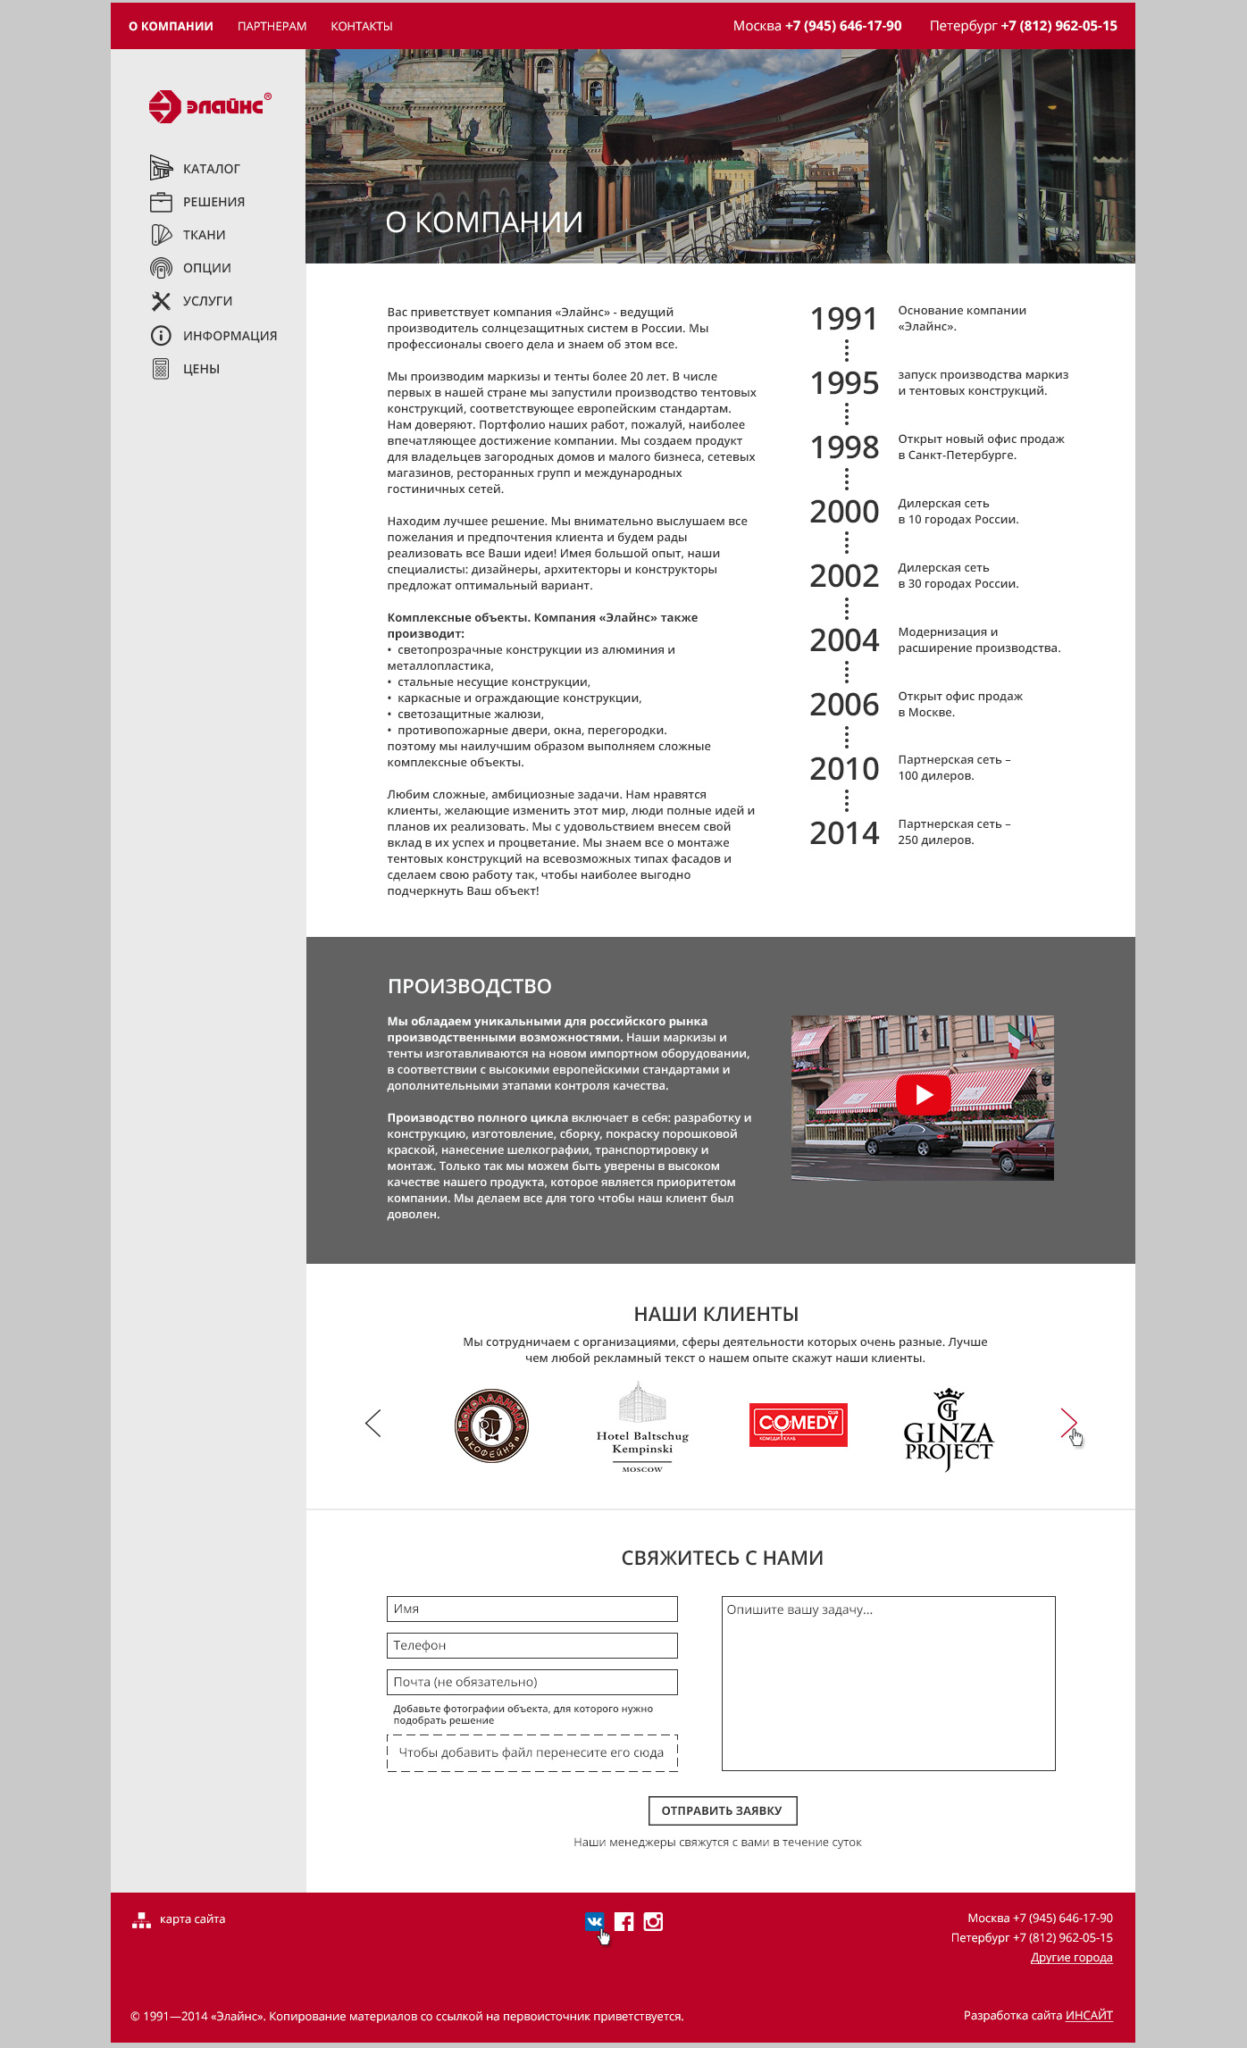 webstedet mappe, varer, regnemaskine, markiser, Elayns, Sankt Petersborg, Битрикс, Bitrix, Responsive design, makeup, programmering, online butik, seo, optimering